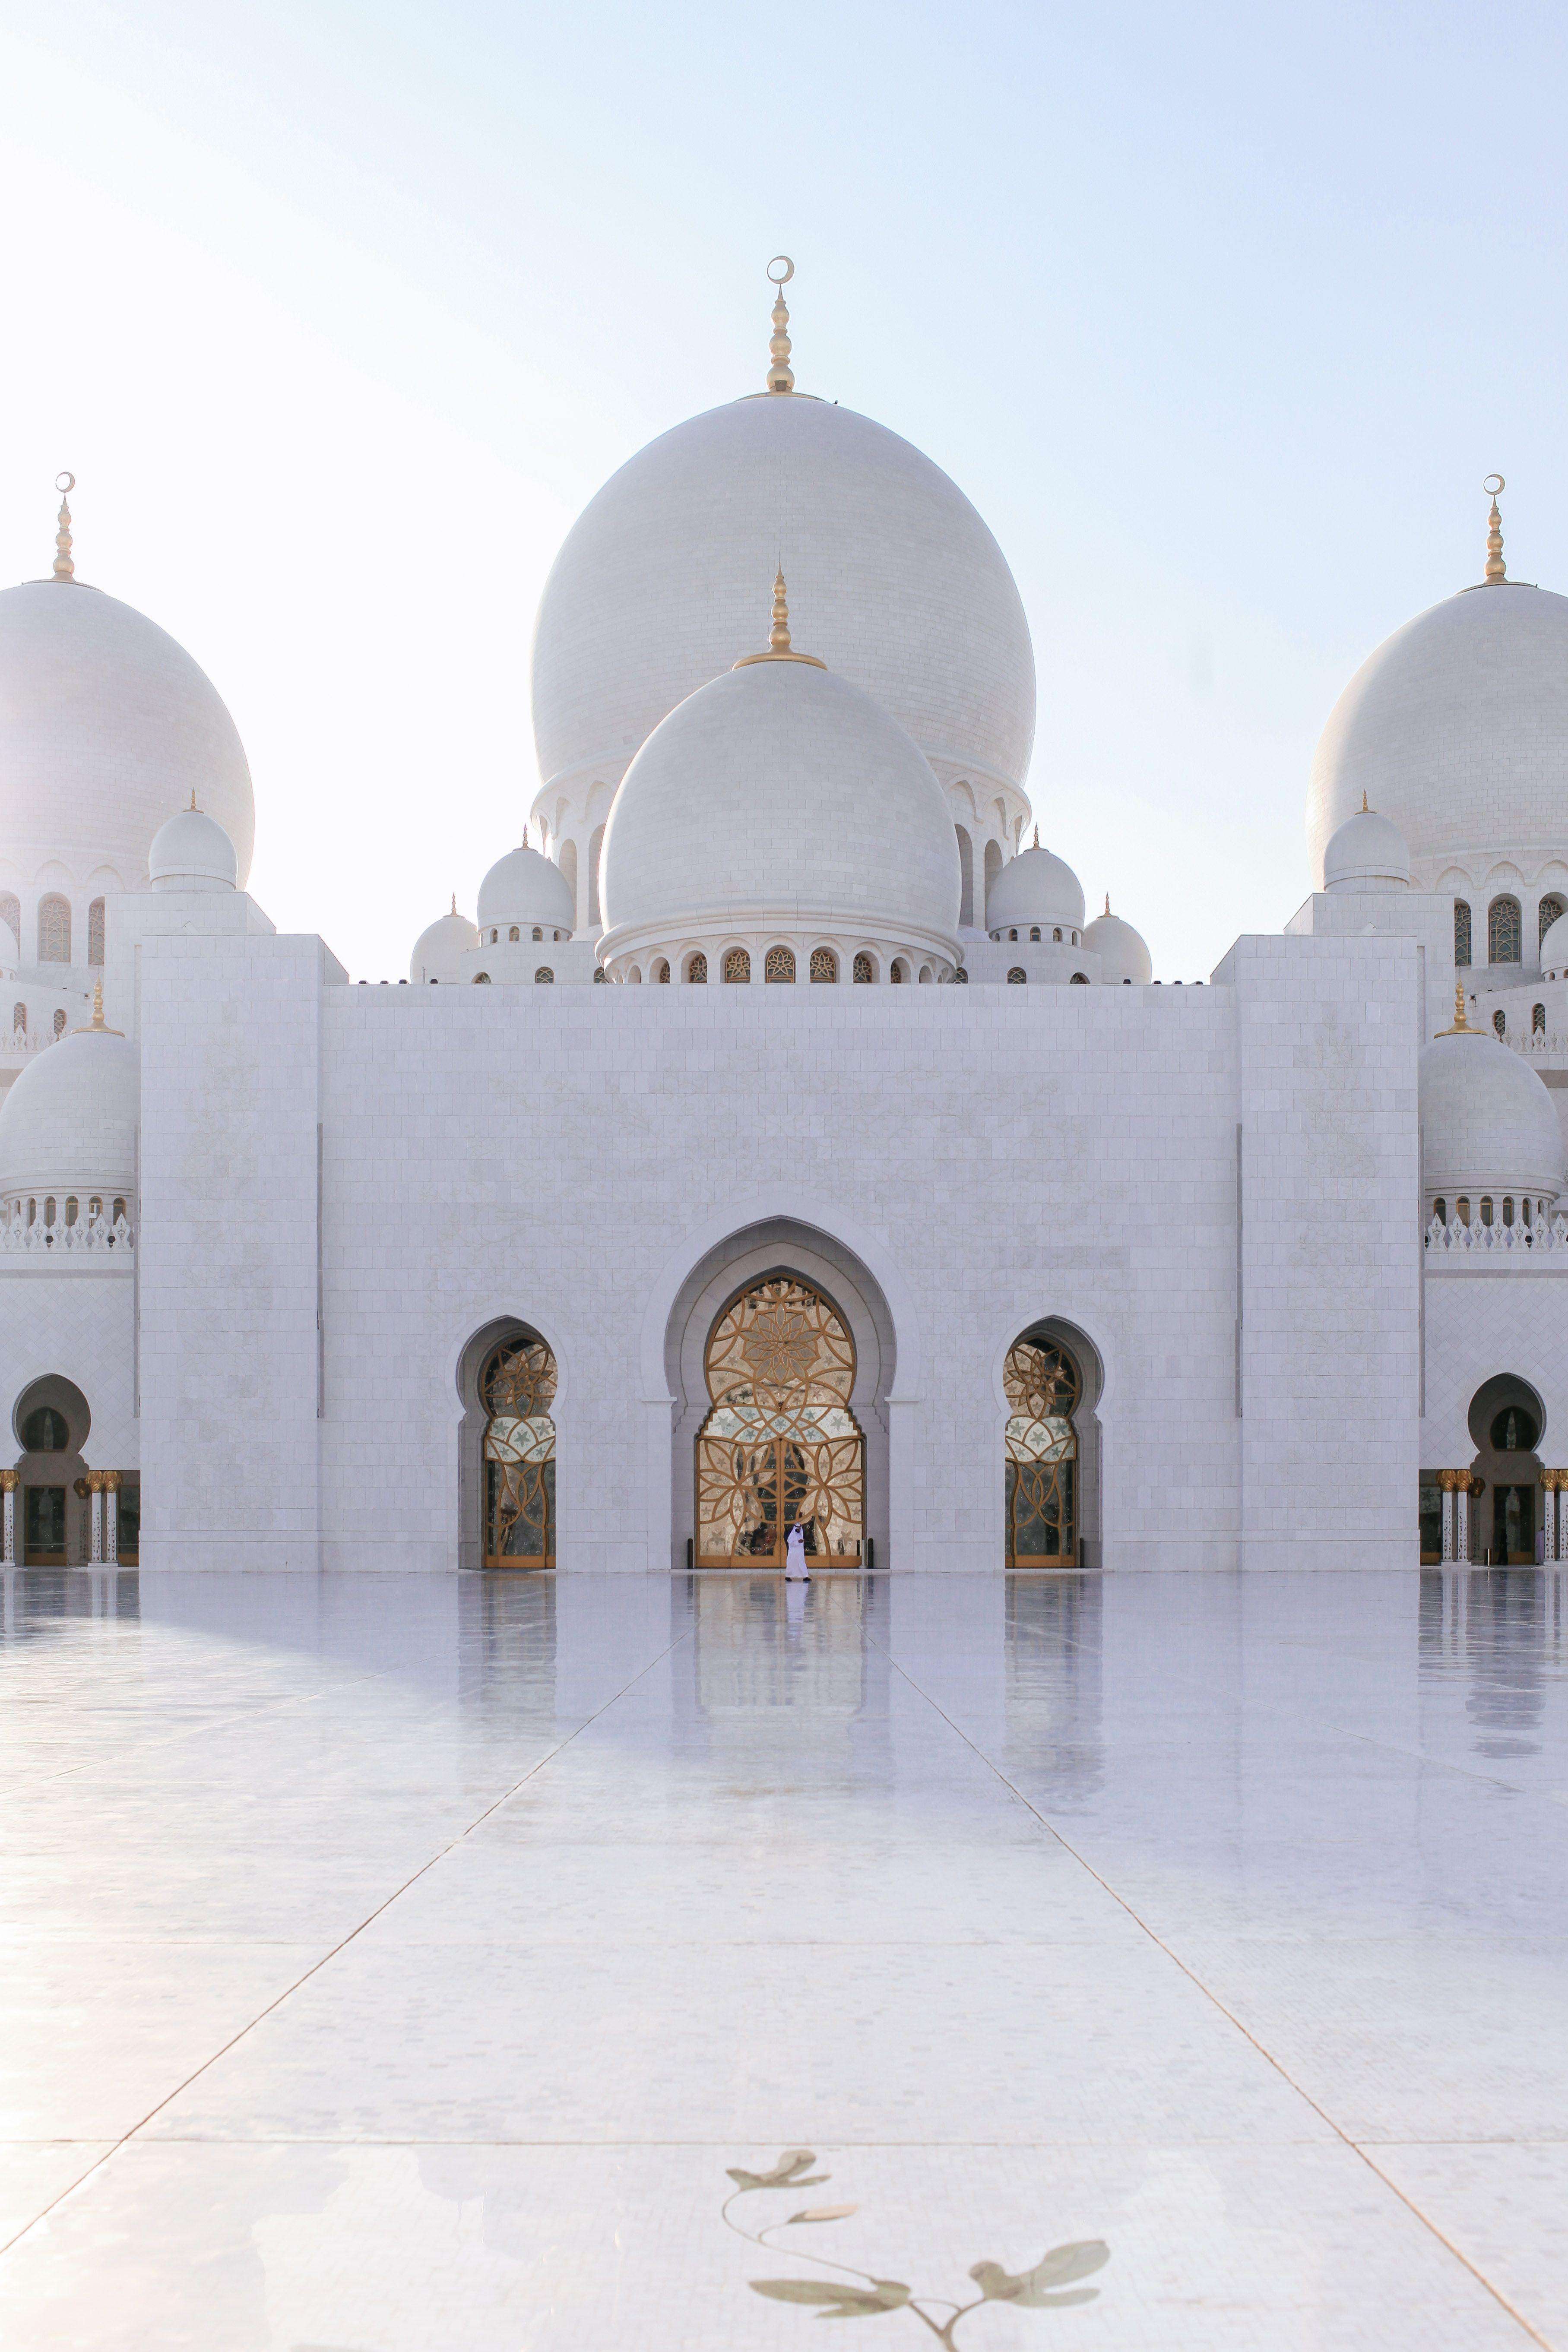 Die Sheikh Zeyed Moschee In Abu Dhabi Ist Fantastischer Als Jeder